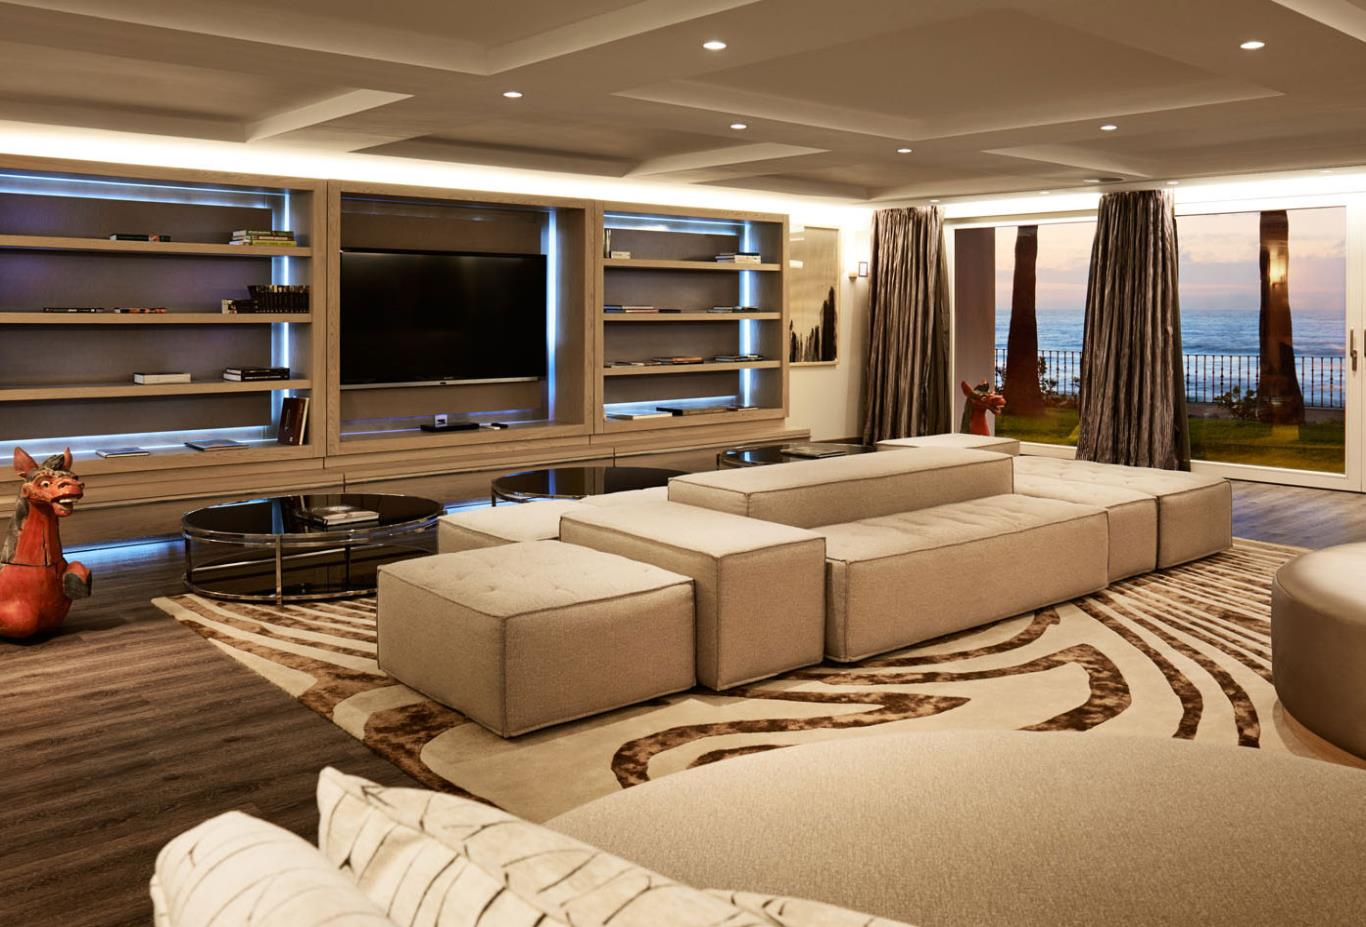 Villa Del Mar - Basement Livingroom/Cinemaroom